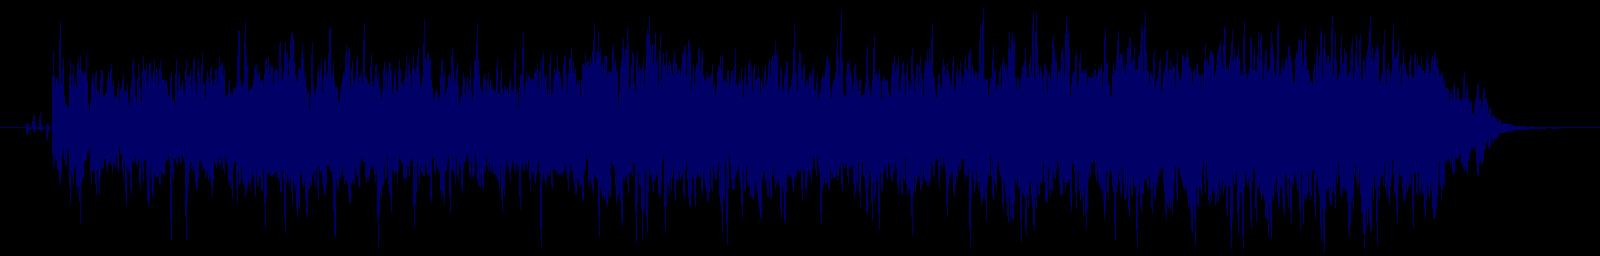 waveform of track #136618